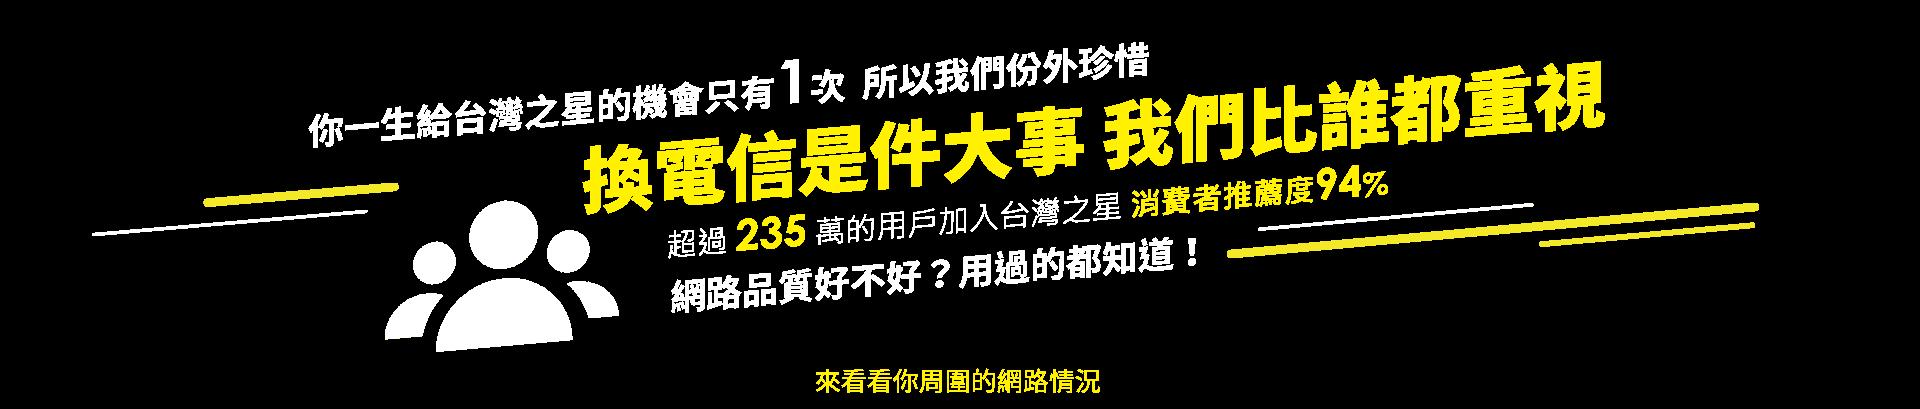 你一生給台灣之星的機會只有1次,所以我們份外珍惜,換電信是件大事 我們比誰都重視,超過 235 萬的用戶加入台灣之星,消費者推薦度94% ,網路品質好不好?用過的都知道!來看看你周圍的網路情況